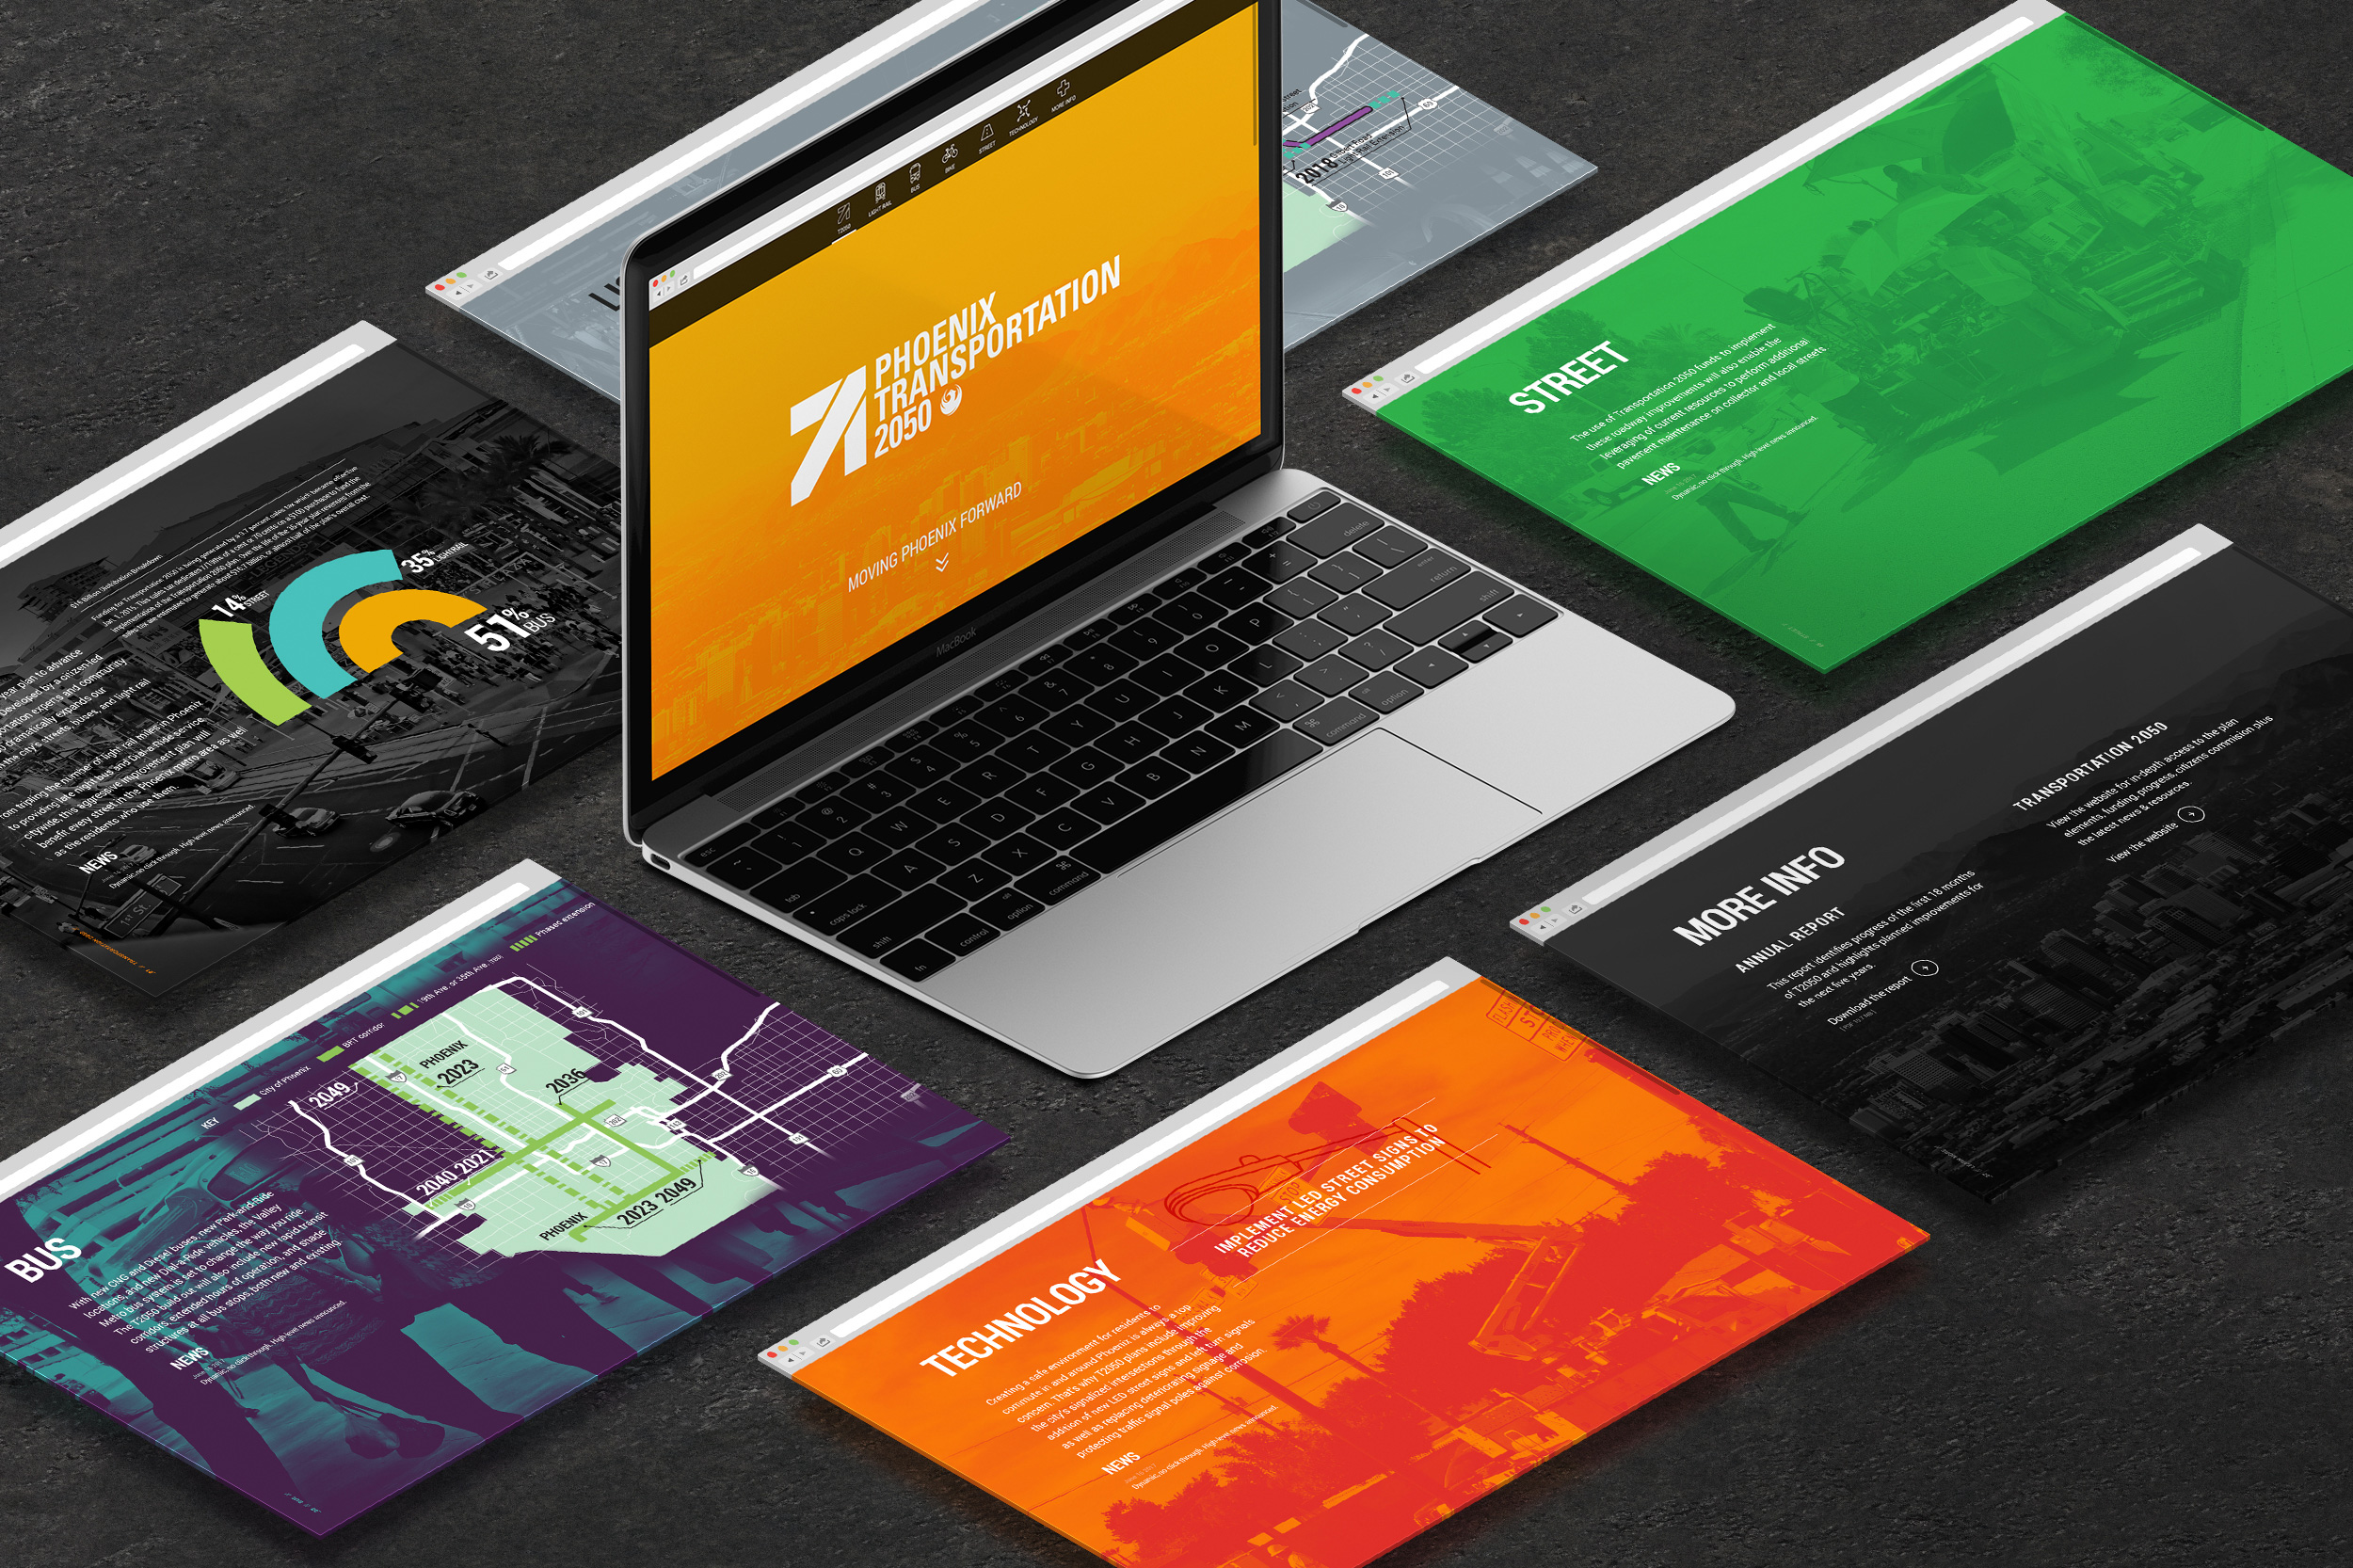 T2050 website